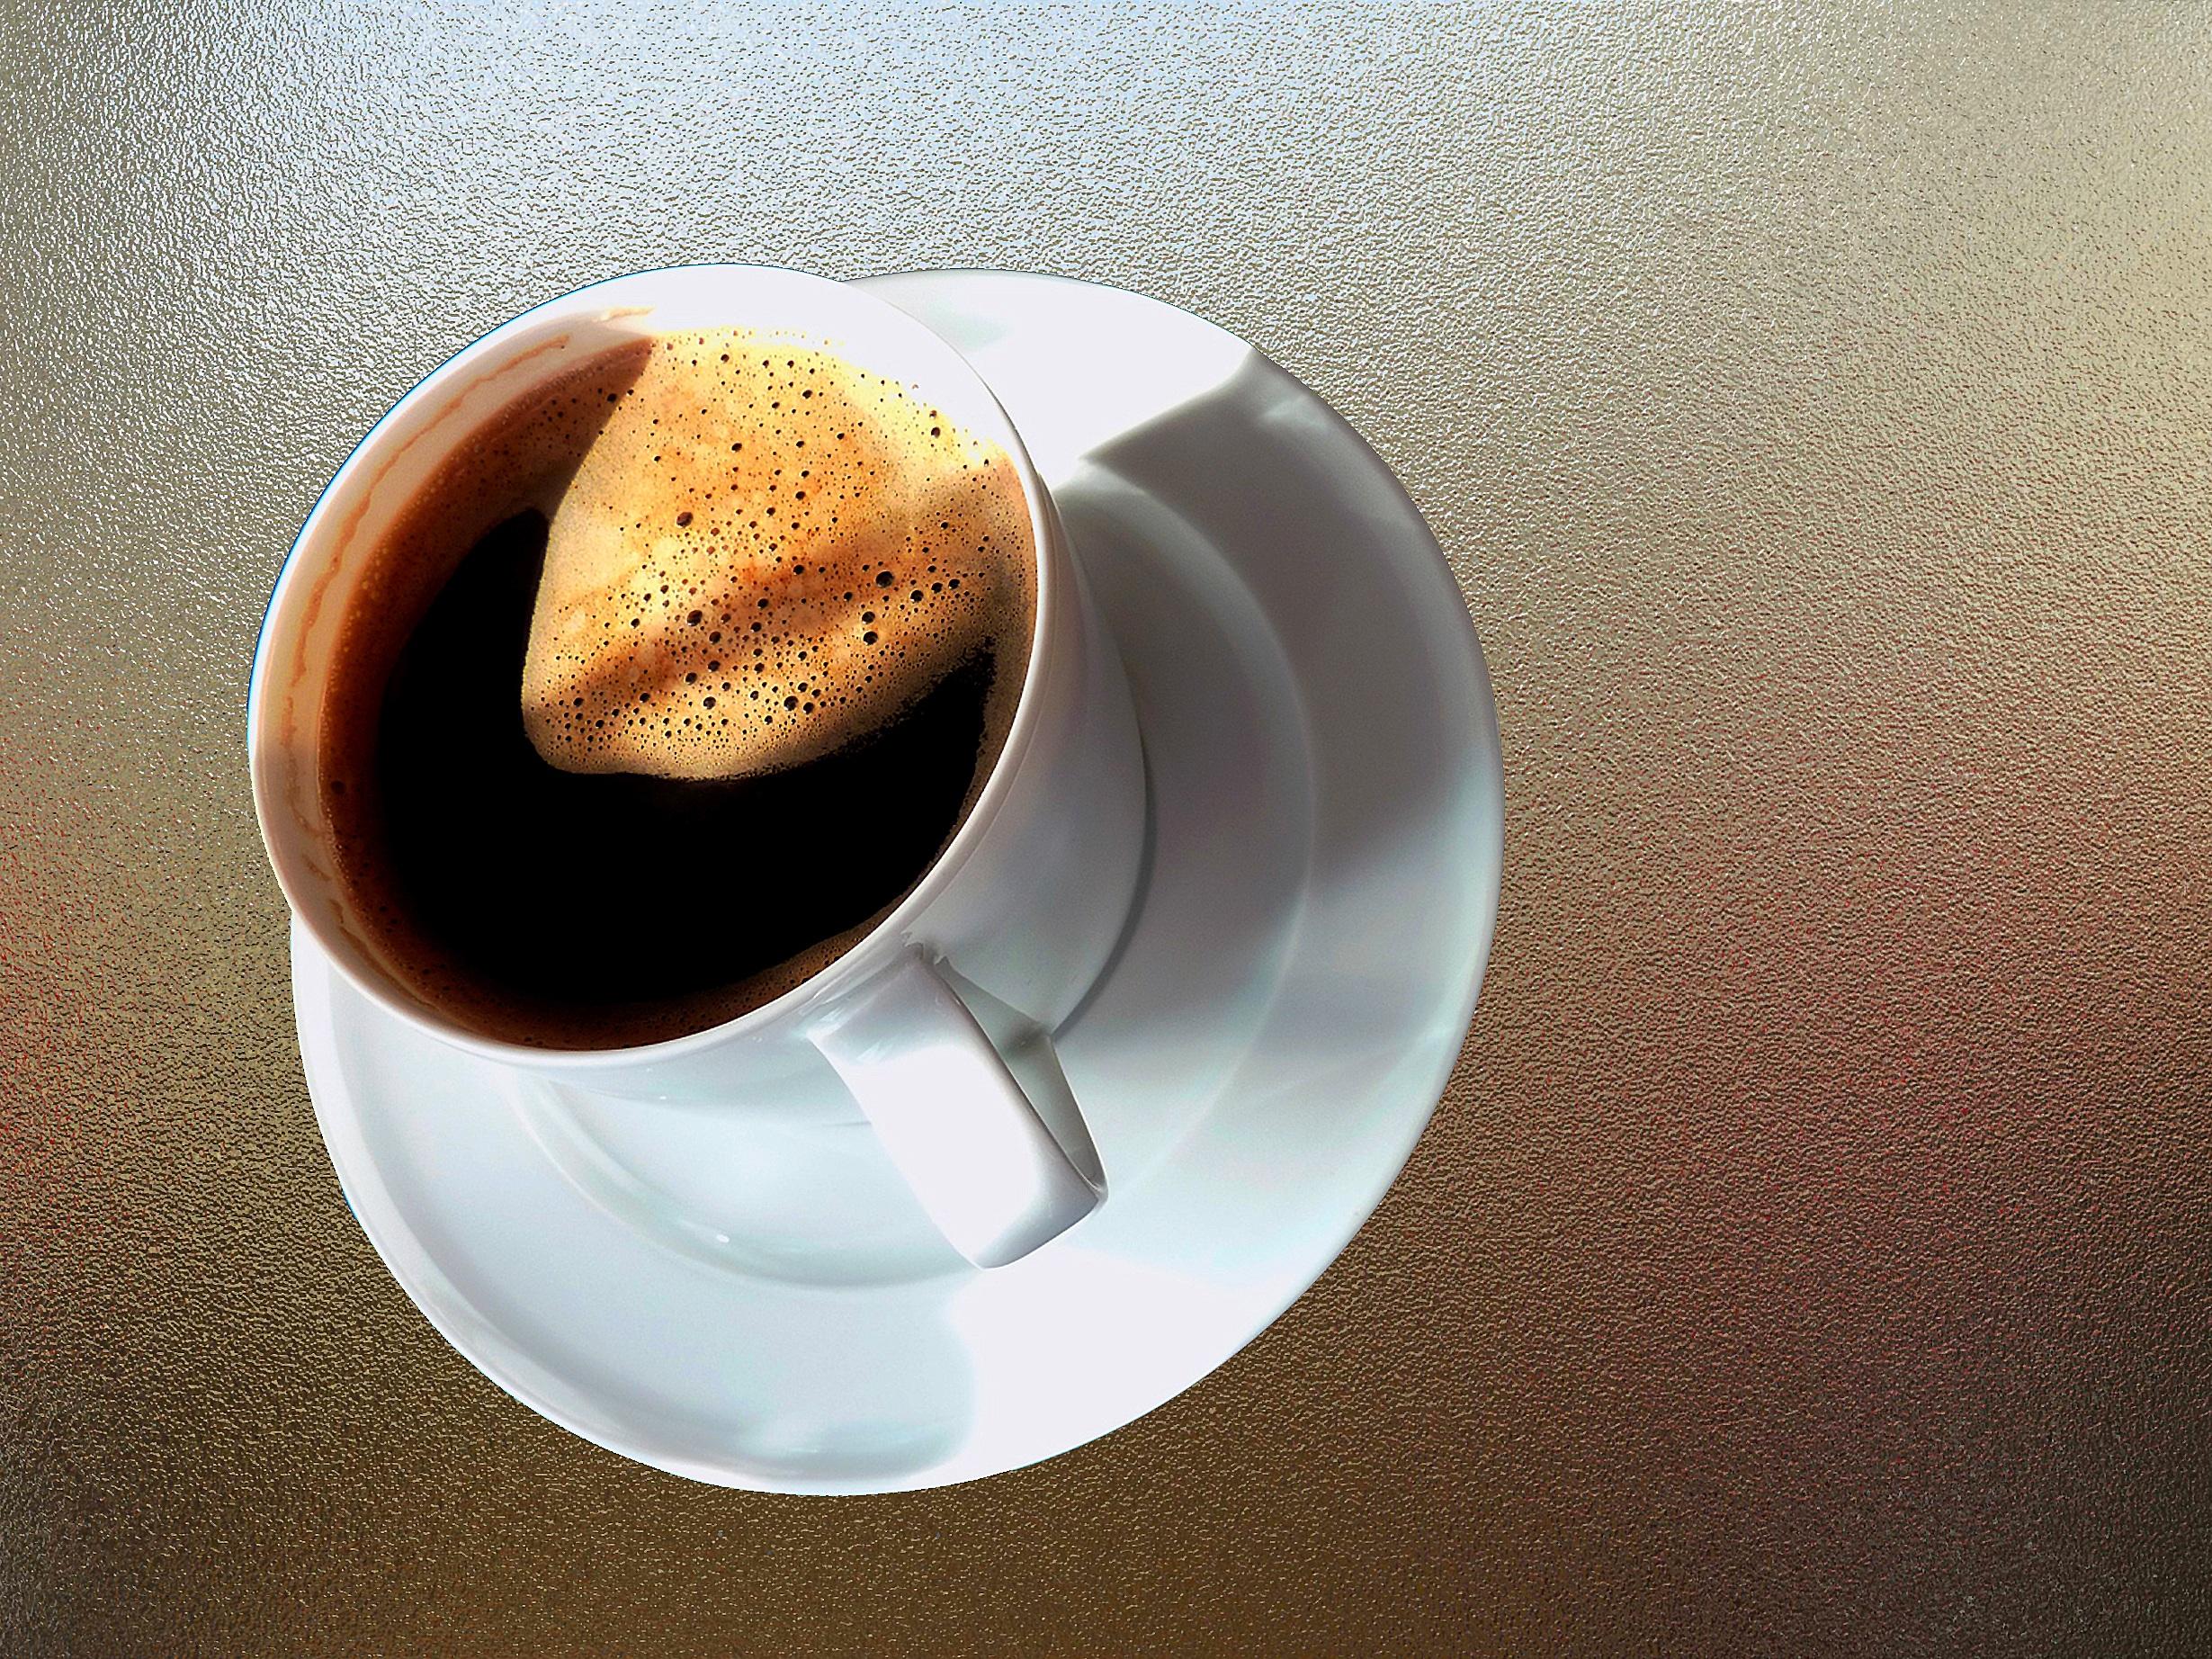 Bildet kafe s t sommer cappuccino melk espresso - Bilder cappuccino ...